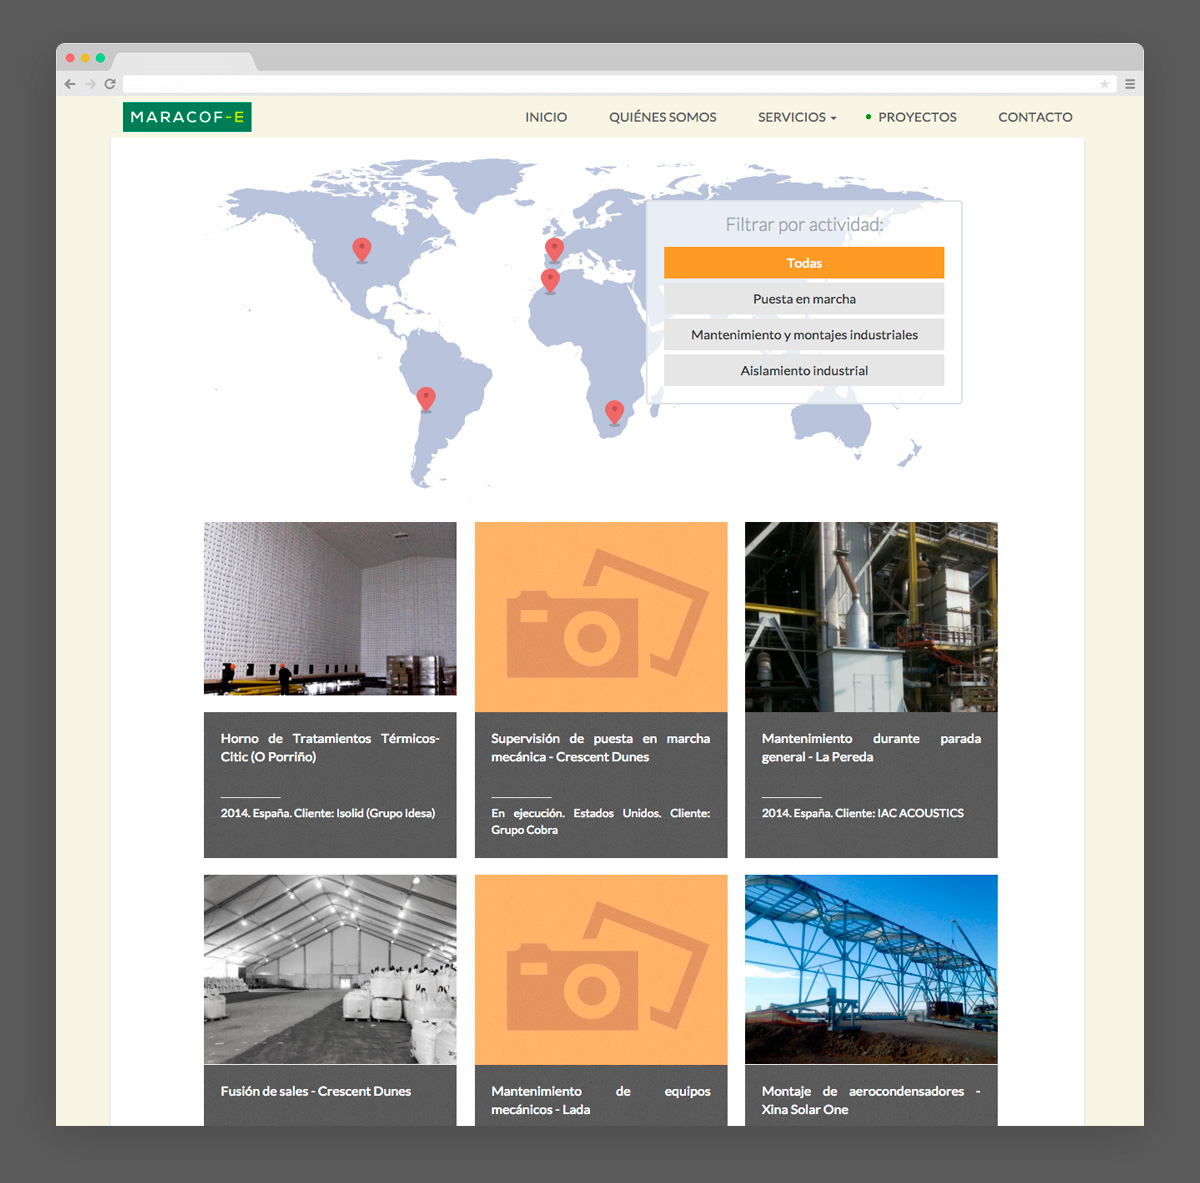 Imagen adicional 2 del proyecto Maracof Energía